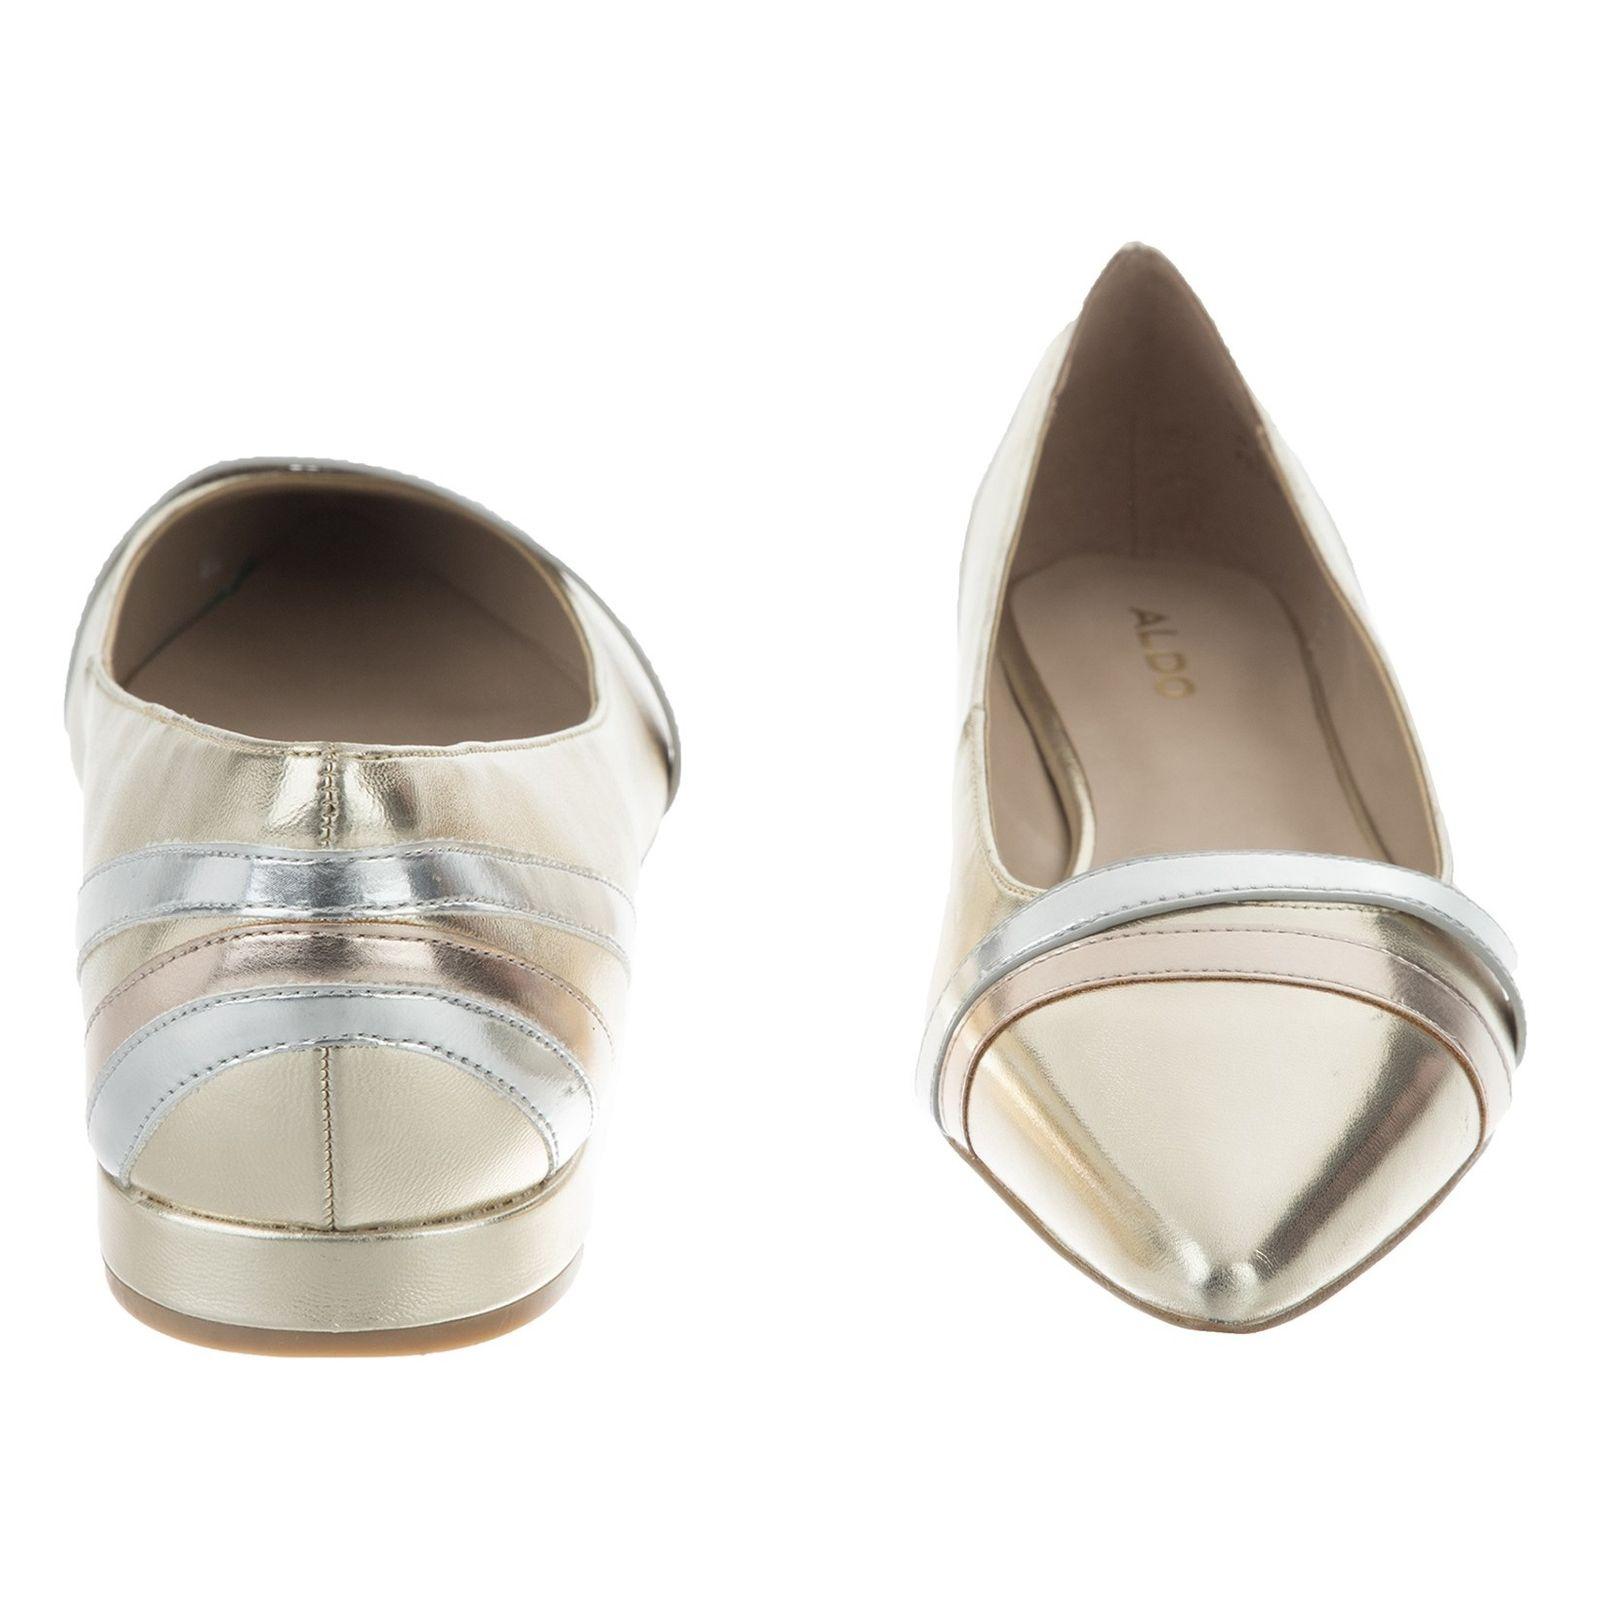 کفش تخت زنانه Leclya - آلدو - طلايي - 5